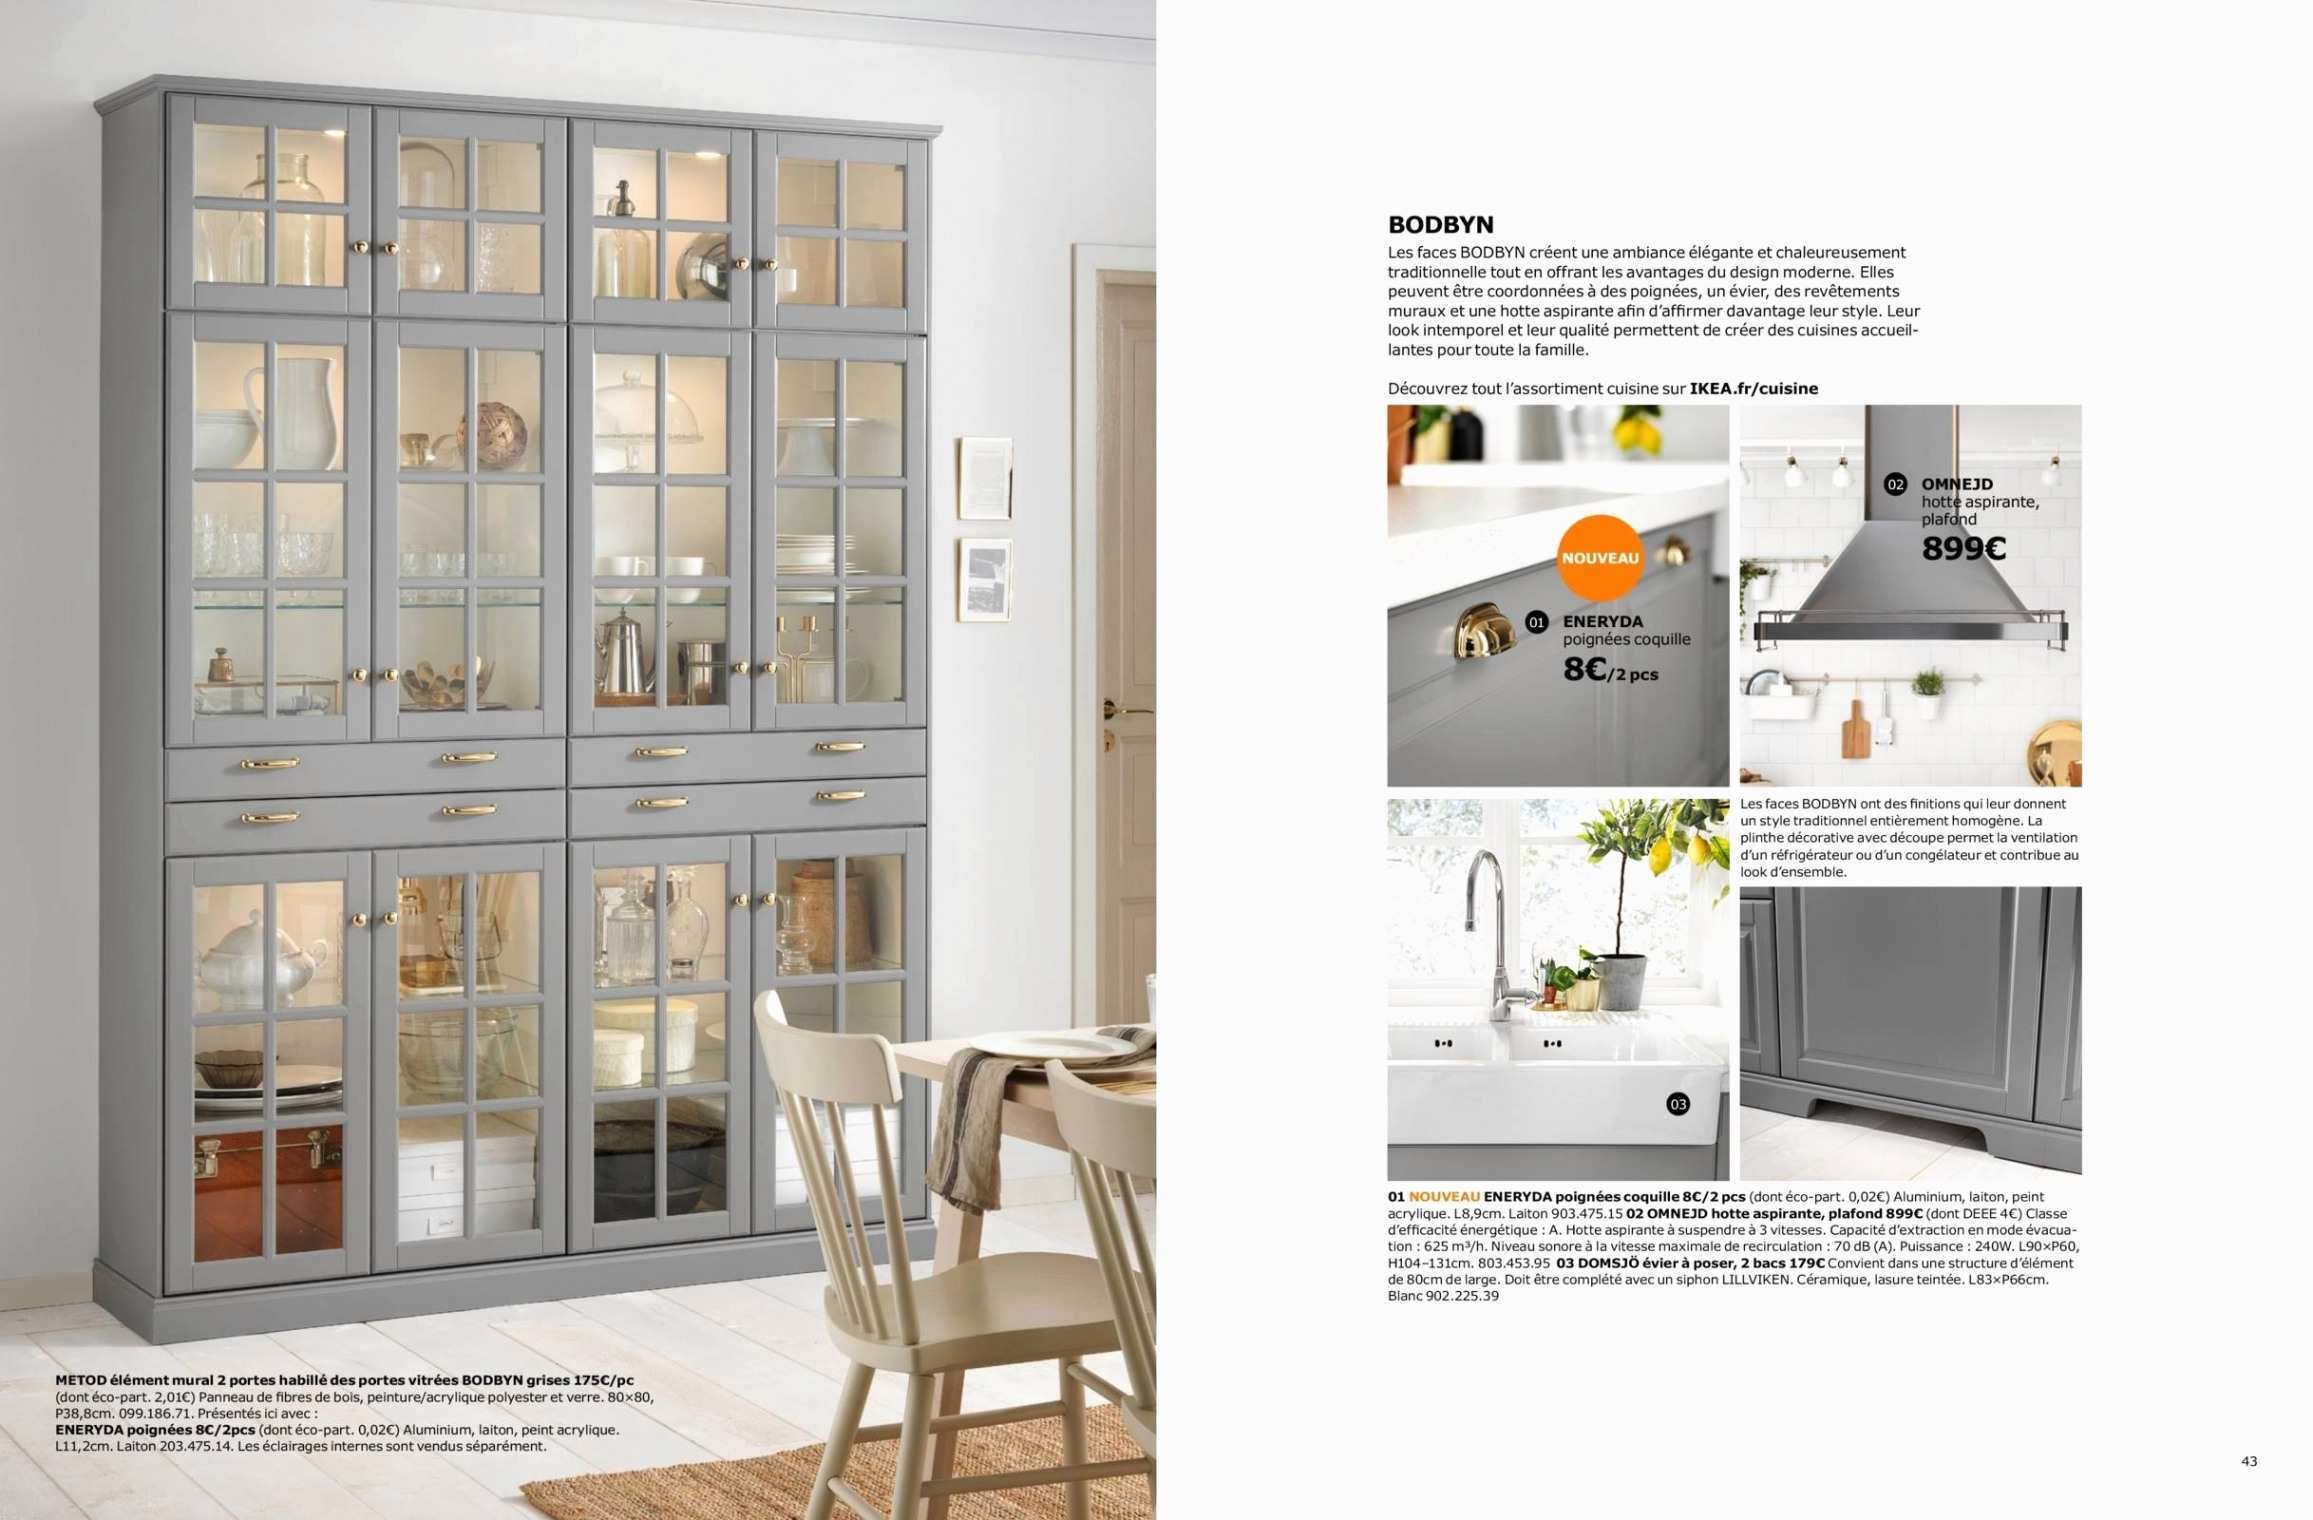 Full Size of Lidl Küche Aufbauservice Ikea Kche Faktum Nexus Birke 22 Machen Sie Das Beste Aus Ihrem Mit Elektrogeräten Sideboard Arbeitsplatte Aufbewahrungsbehälter Wohnzimmer Lidl Küche Aufbauservice